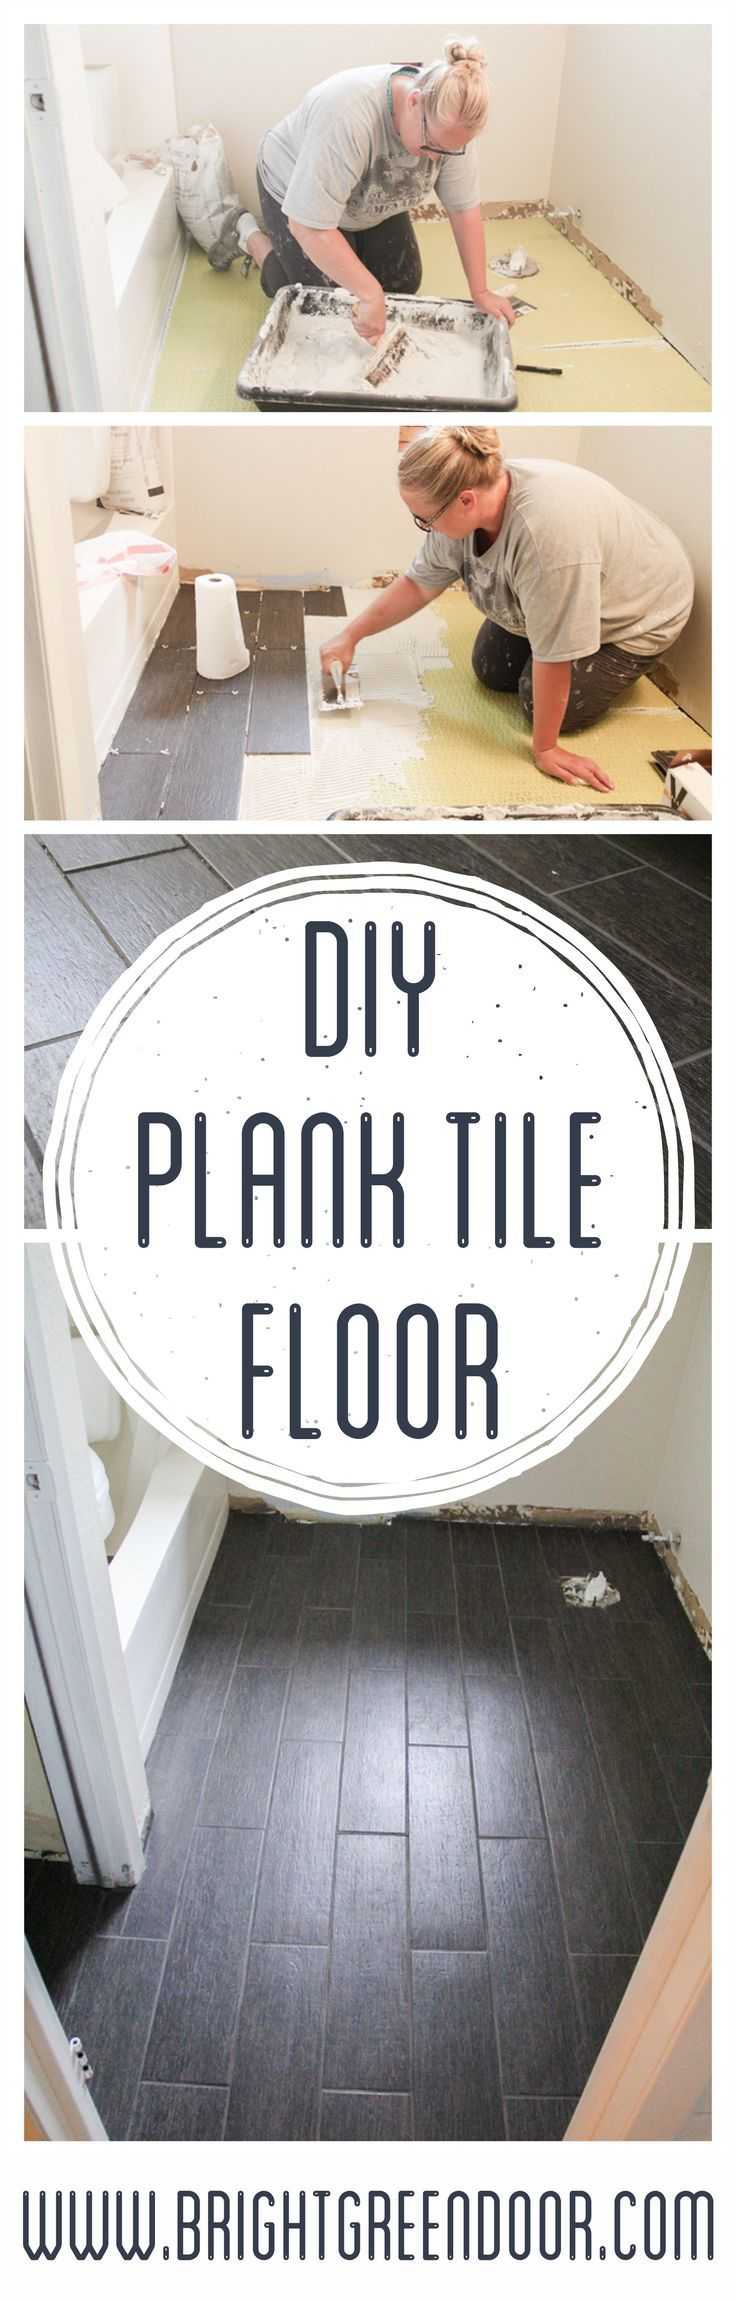 How to's : DIY Plank Tile Floor. How to lay Plank Tile. www.BrightGreenDoor.com